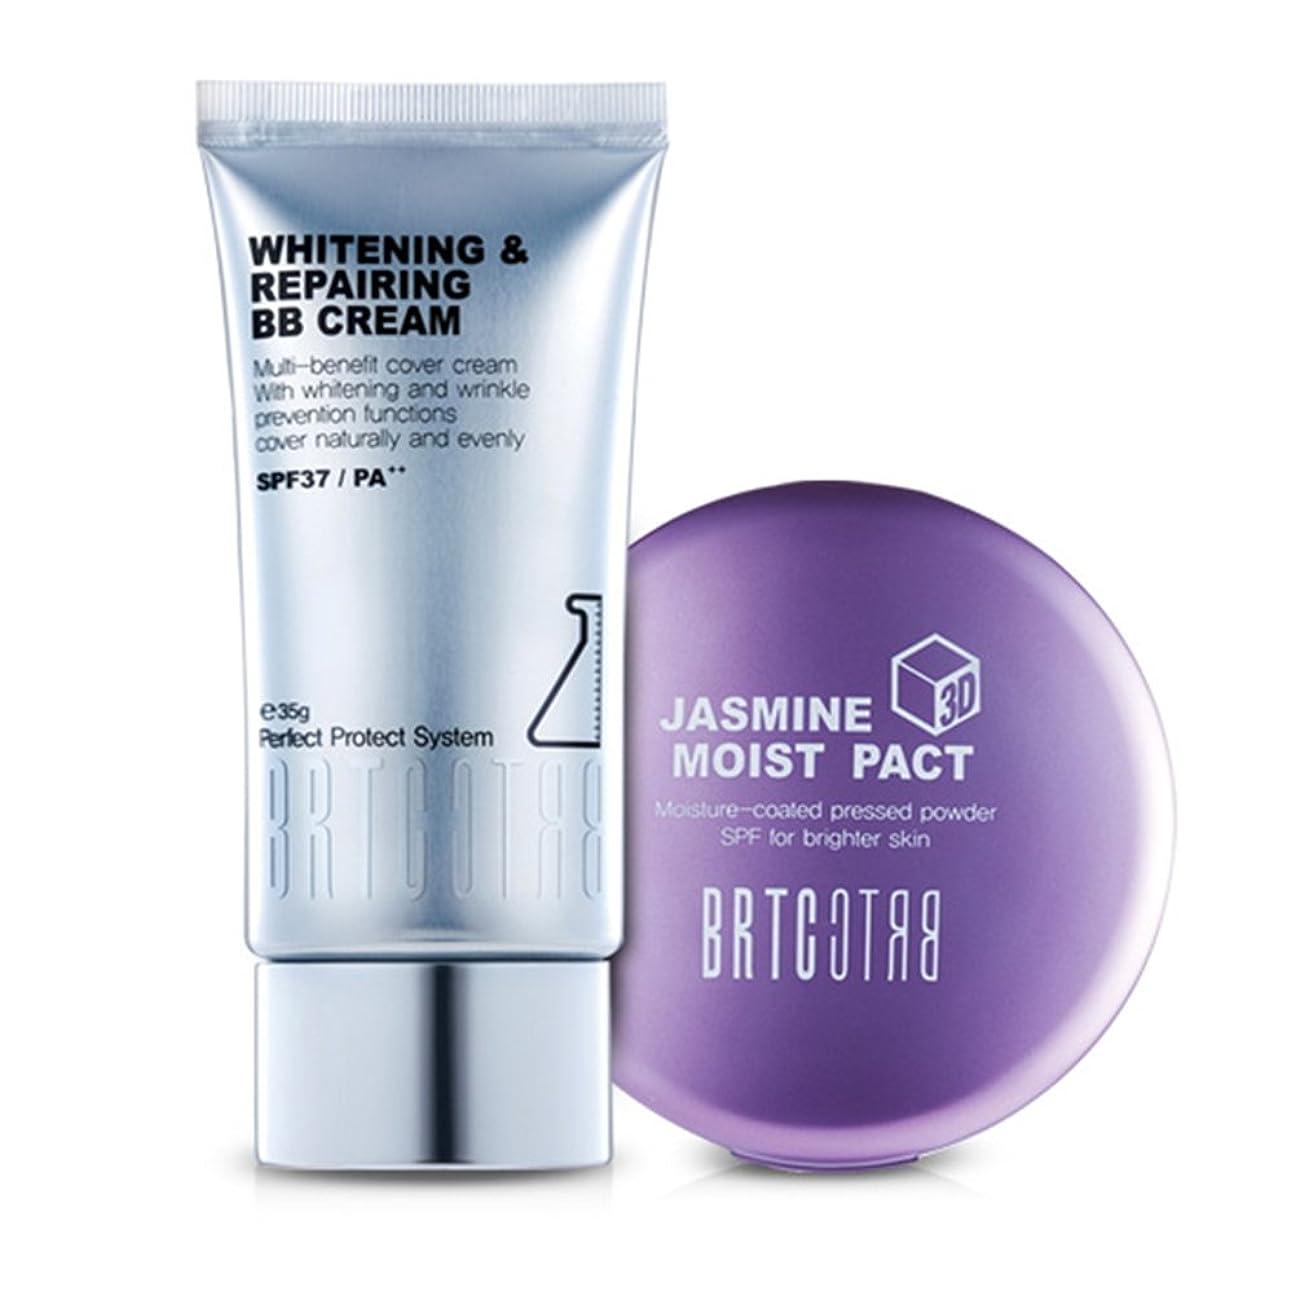 ハイランド幸運毒【BRTC/非アルティ時】Whitening&Moisture Make Up Setホワイトニングビビ水分ファクト35g 13g[BB Cream+ Moist Pact Set](海外直送品)